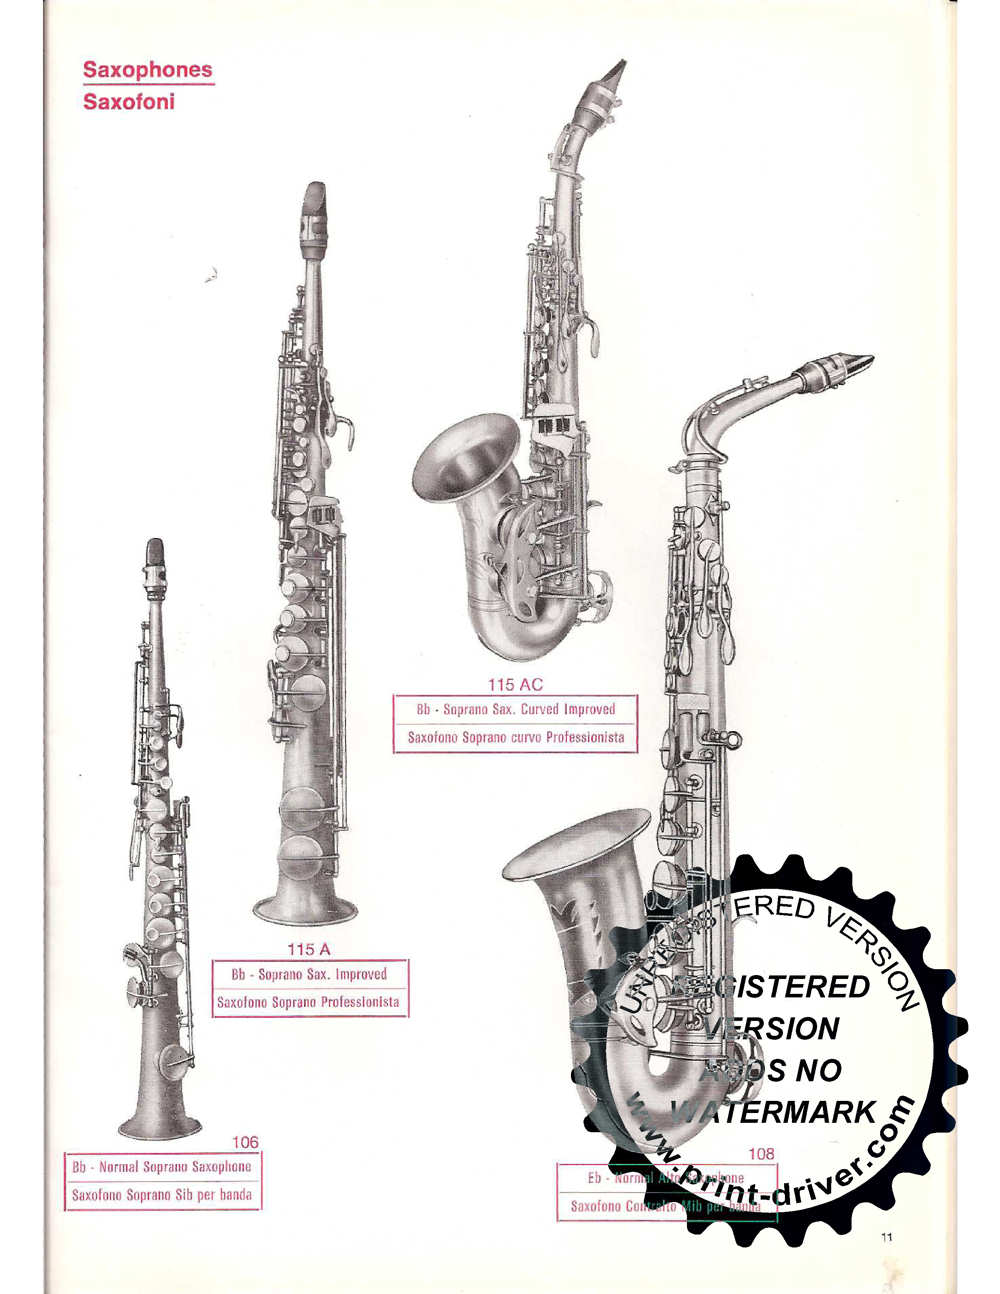 Saporetti and Cappelli straight soprano sax